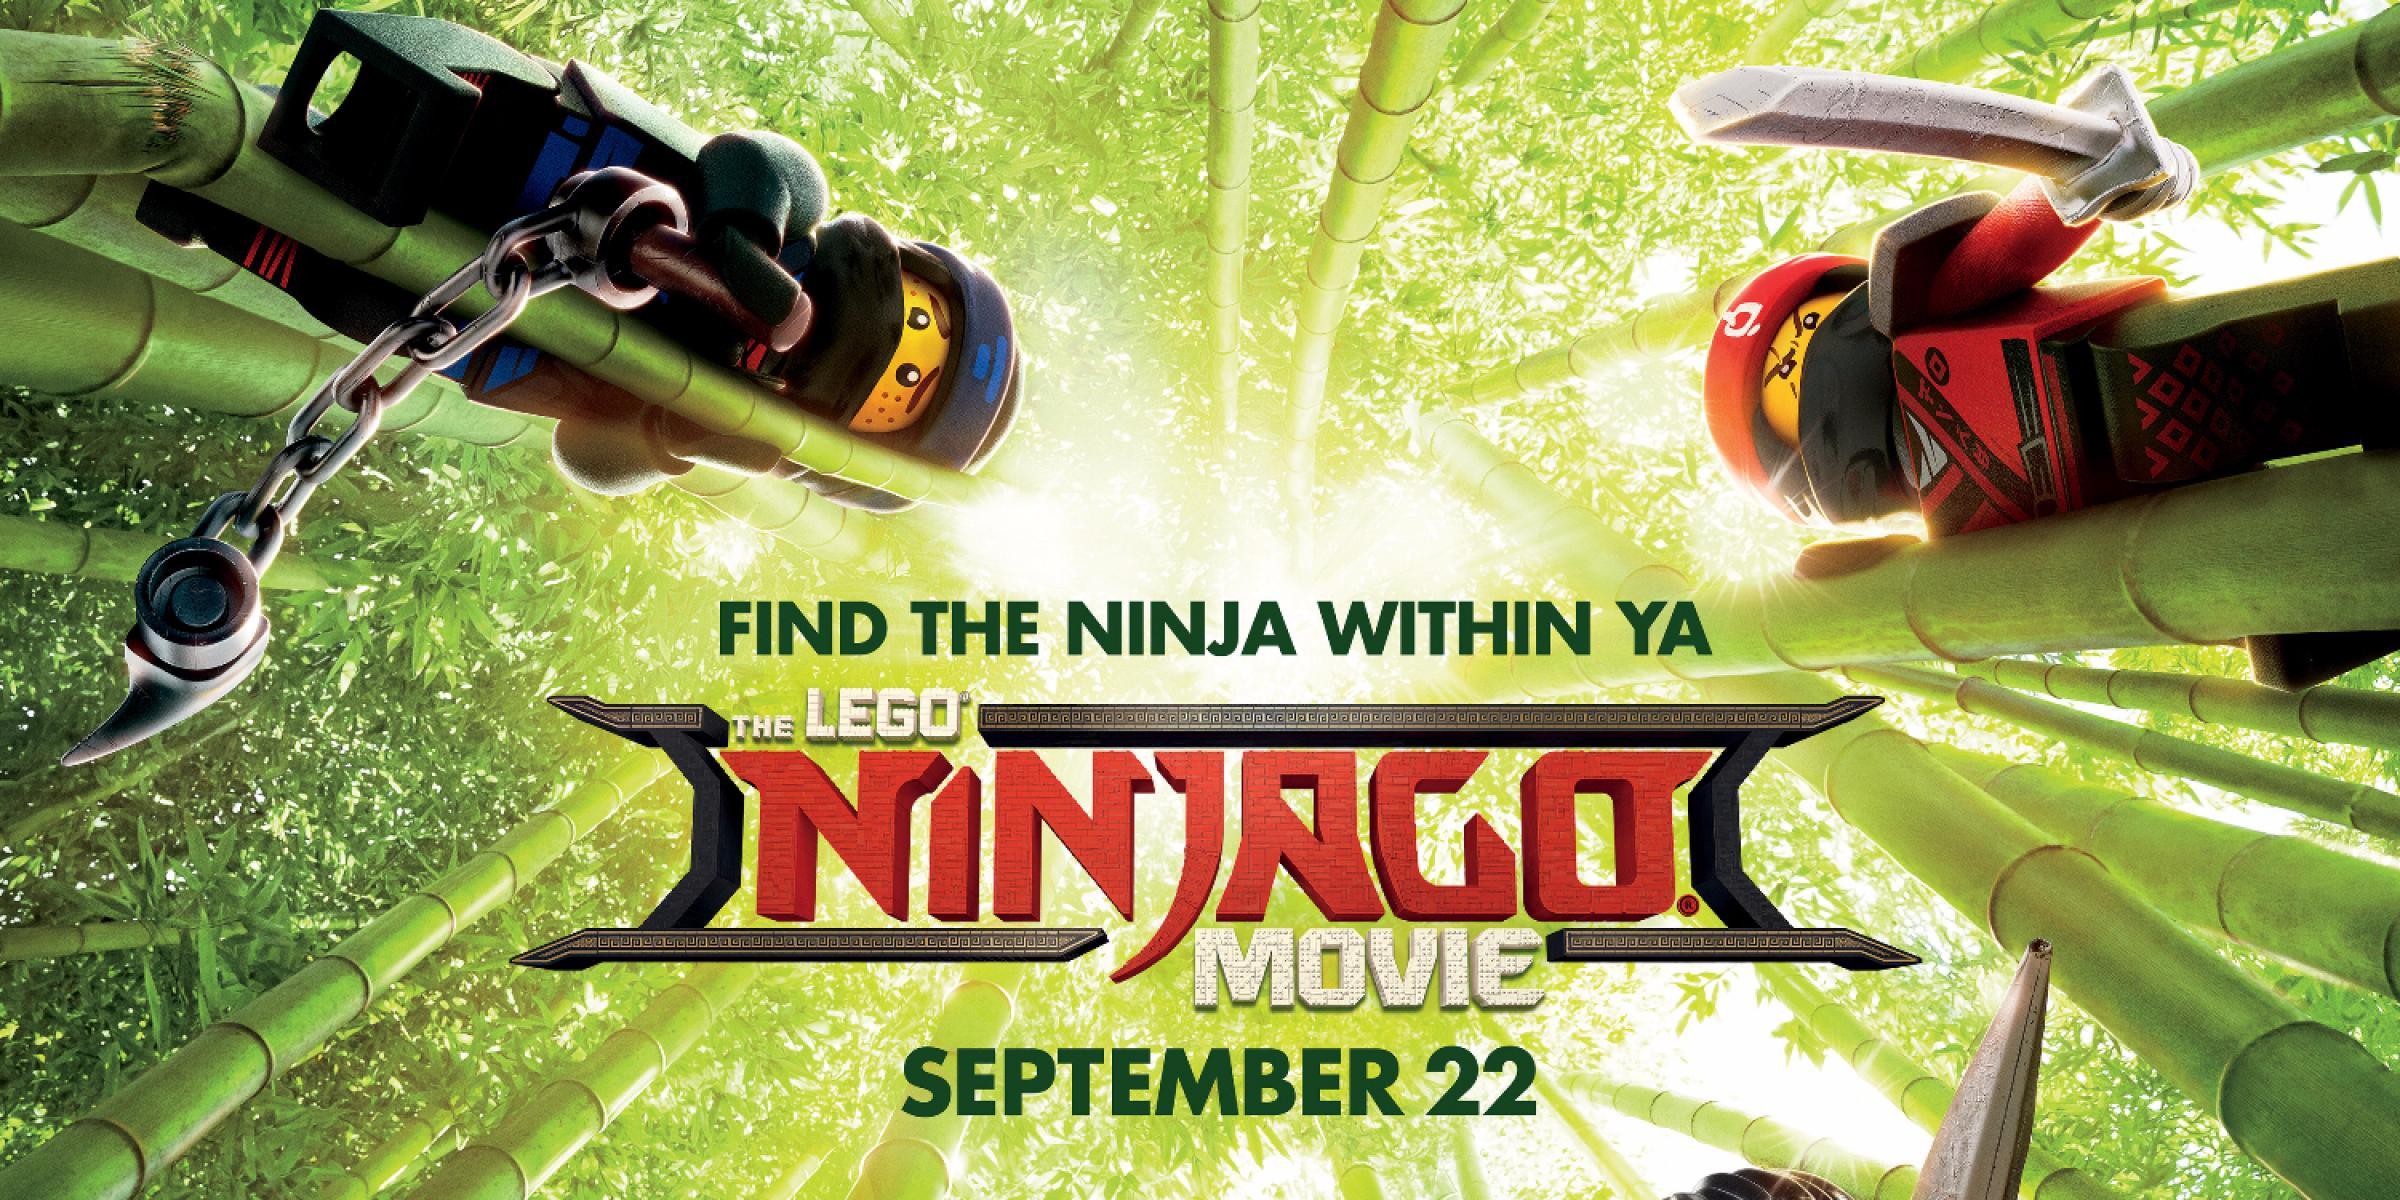 LEGO Ninjago Movie Kick Off